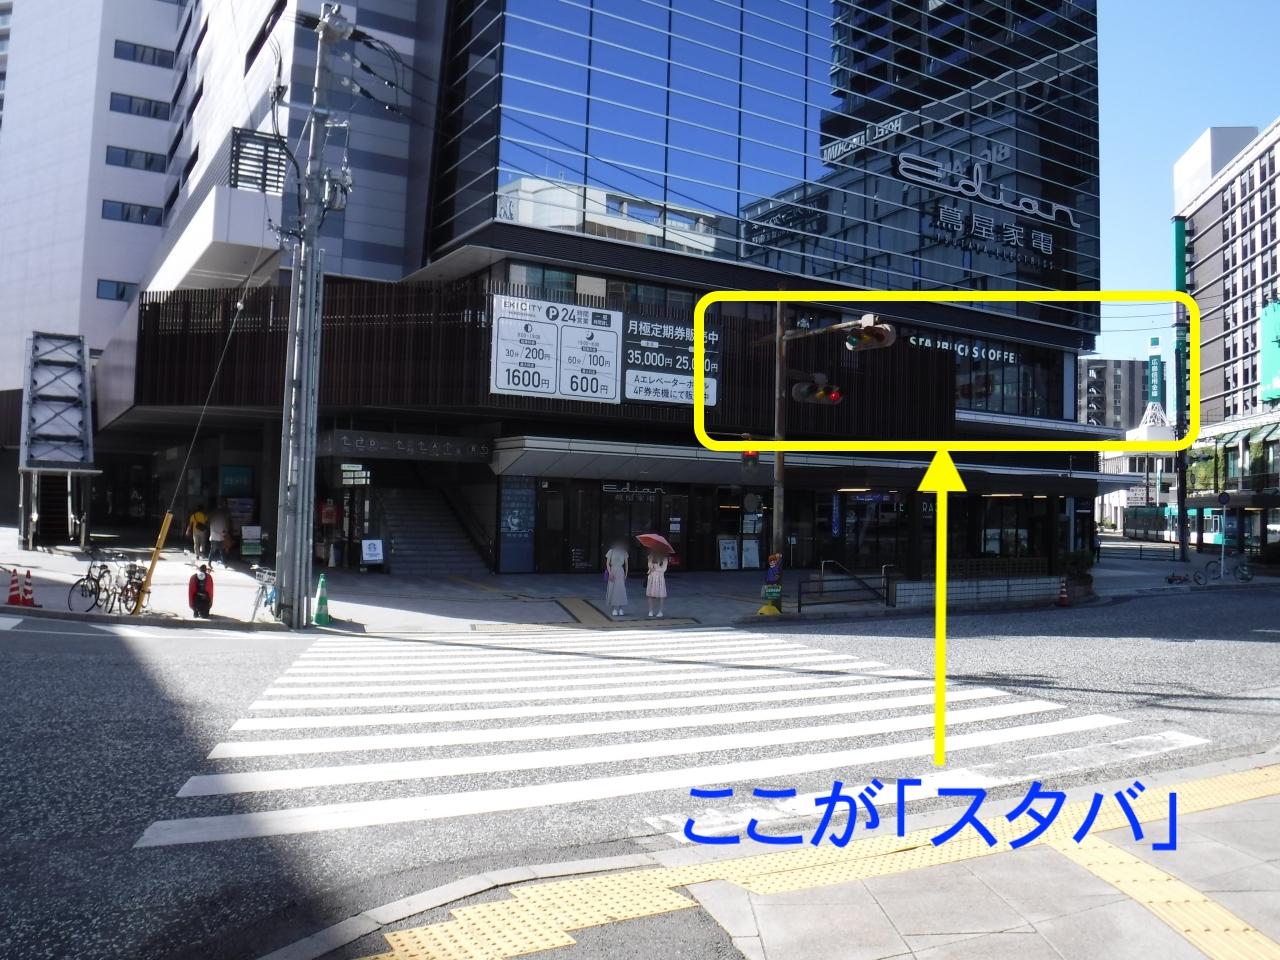 スターバックスコーヒー広島蔦屋家電店